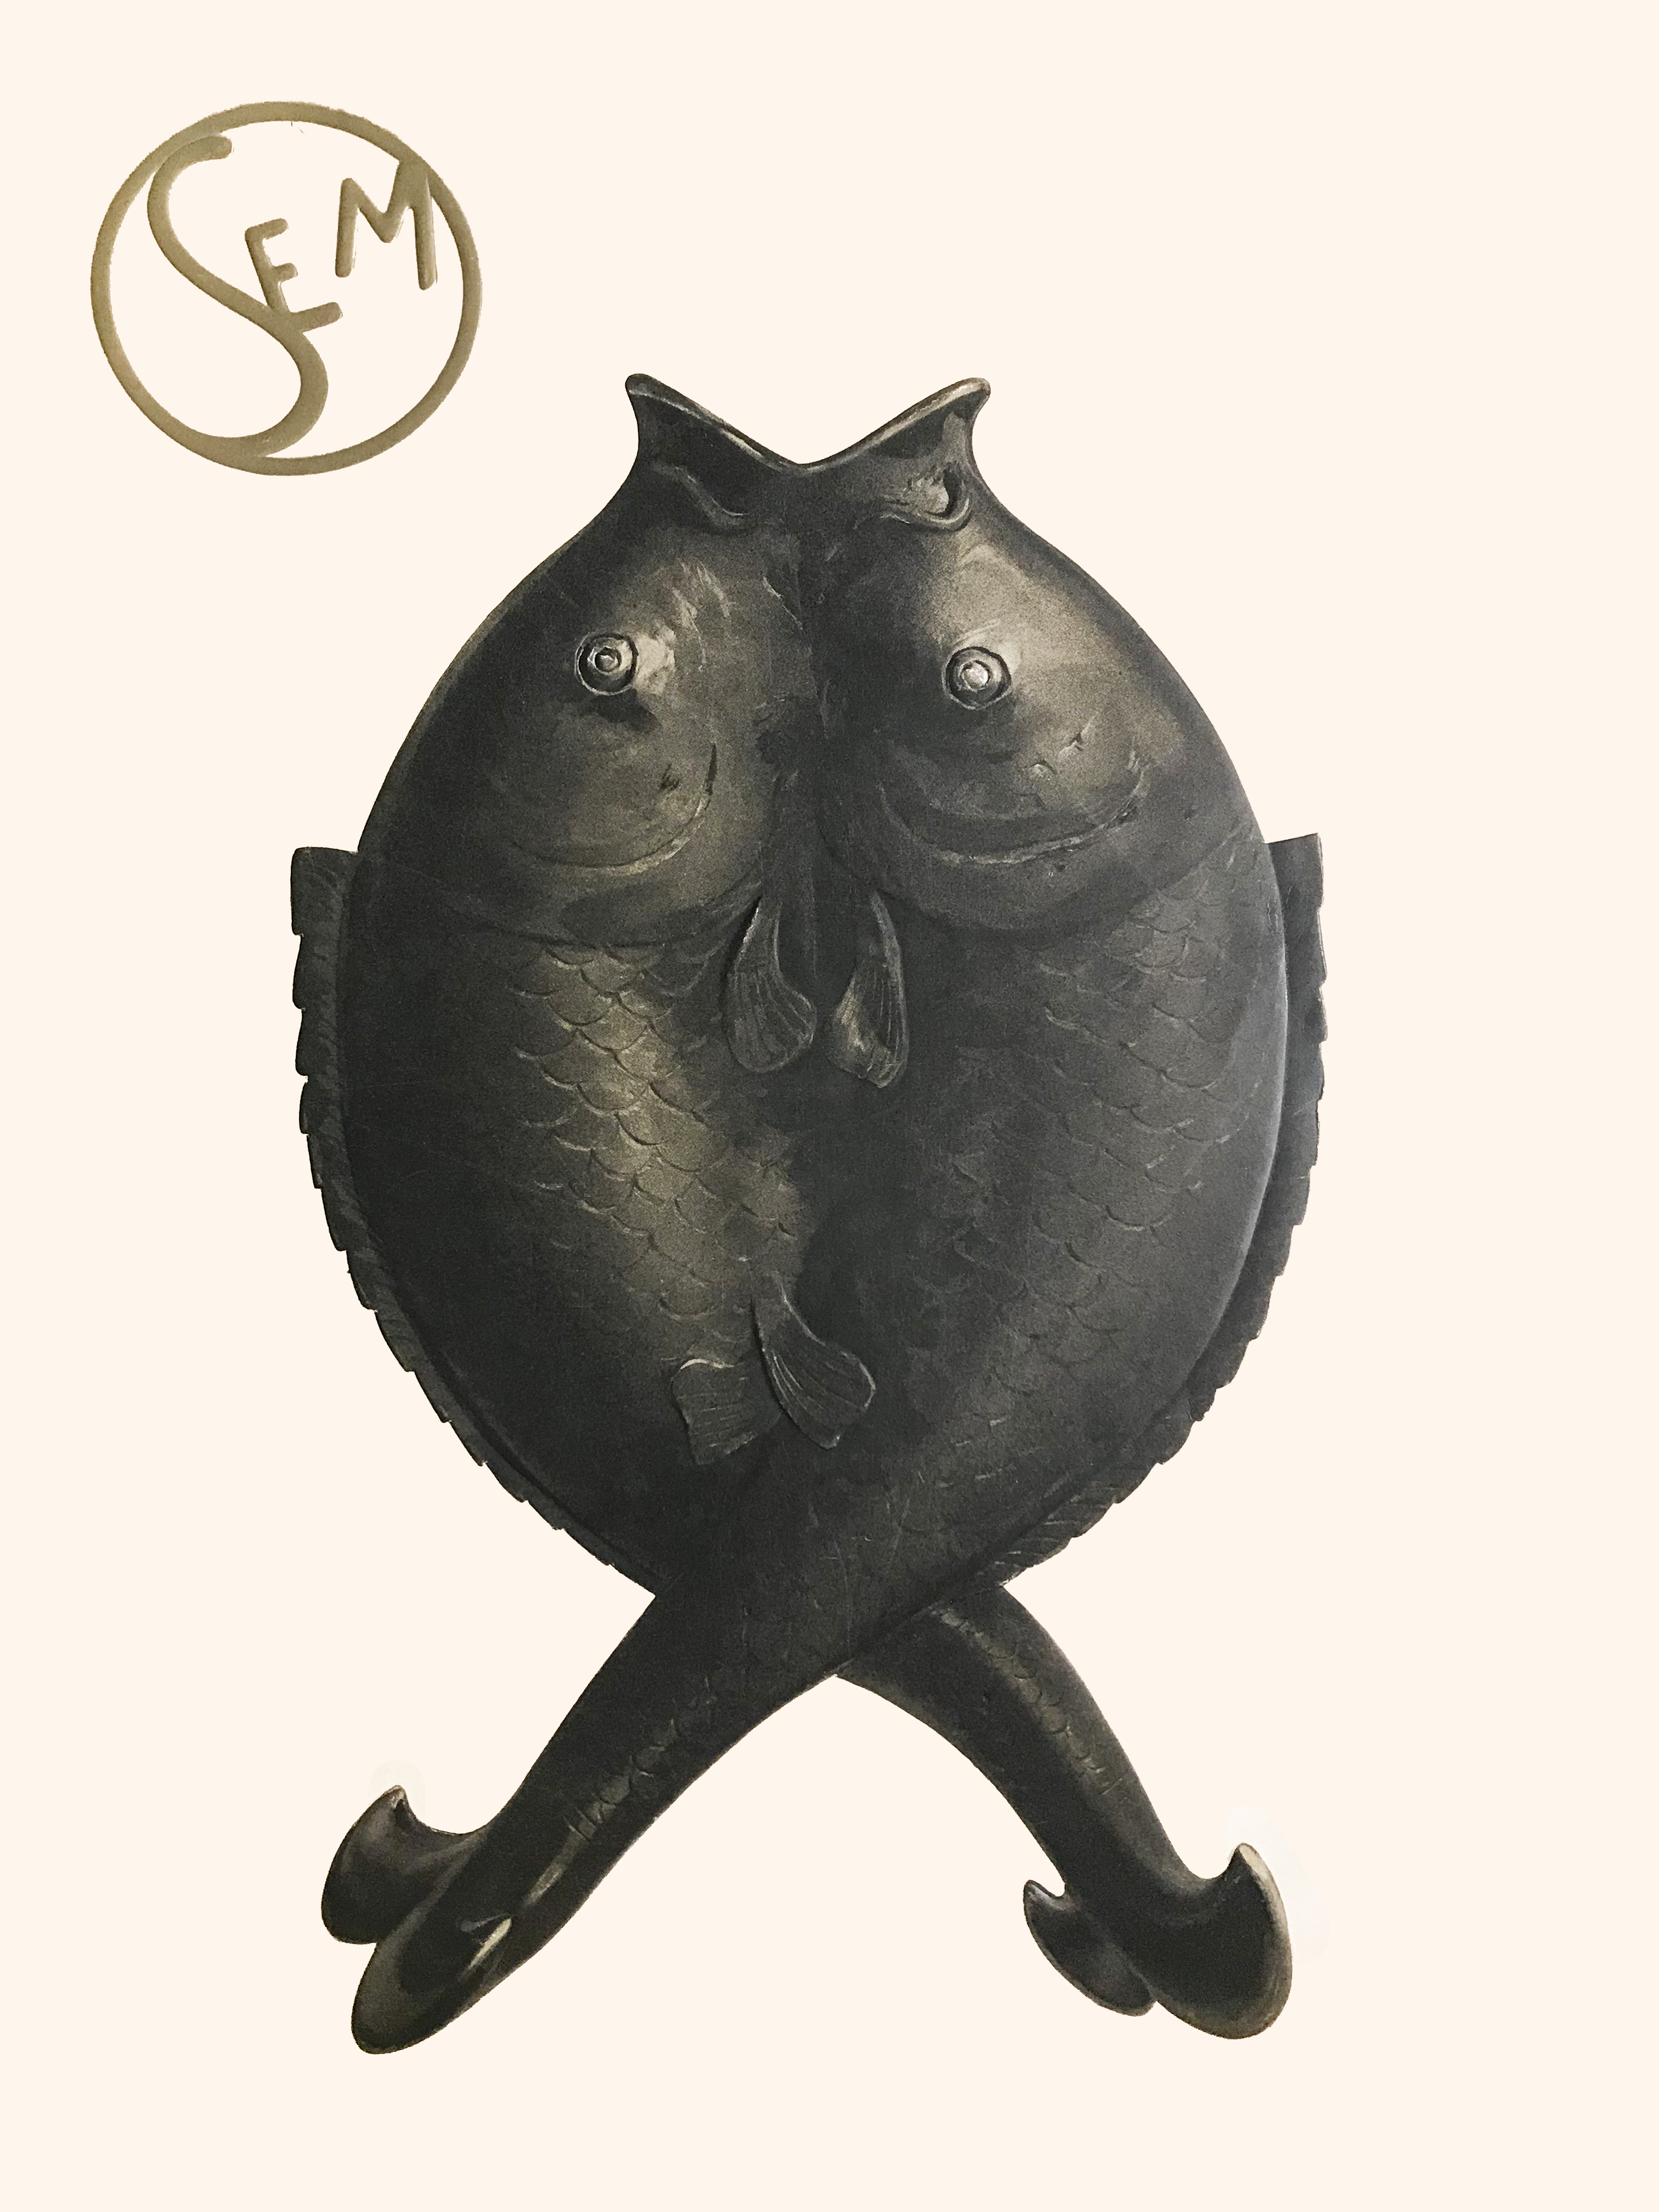 Sem Goursat Album 19 - Coiuverture